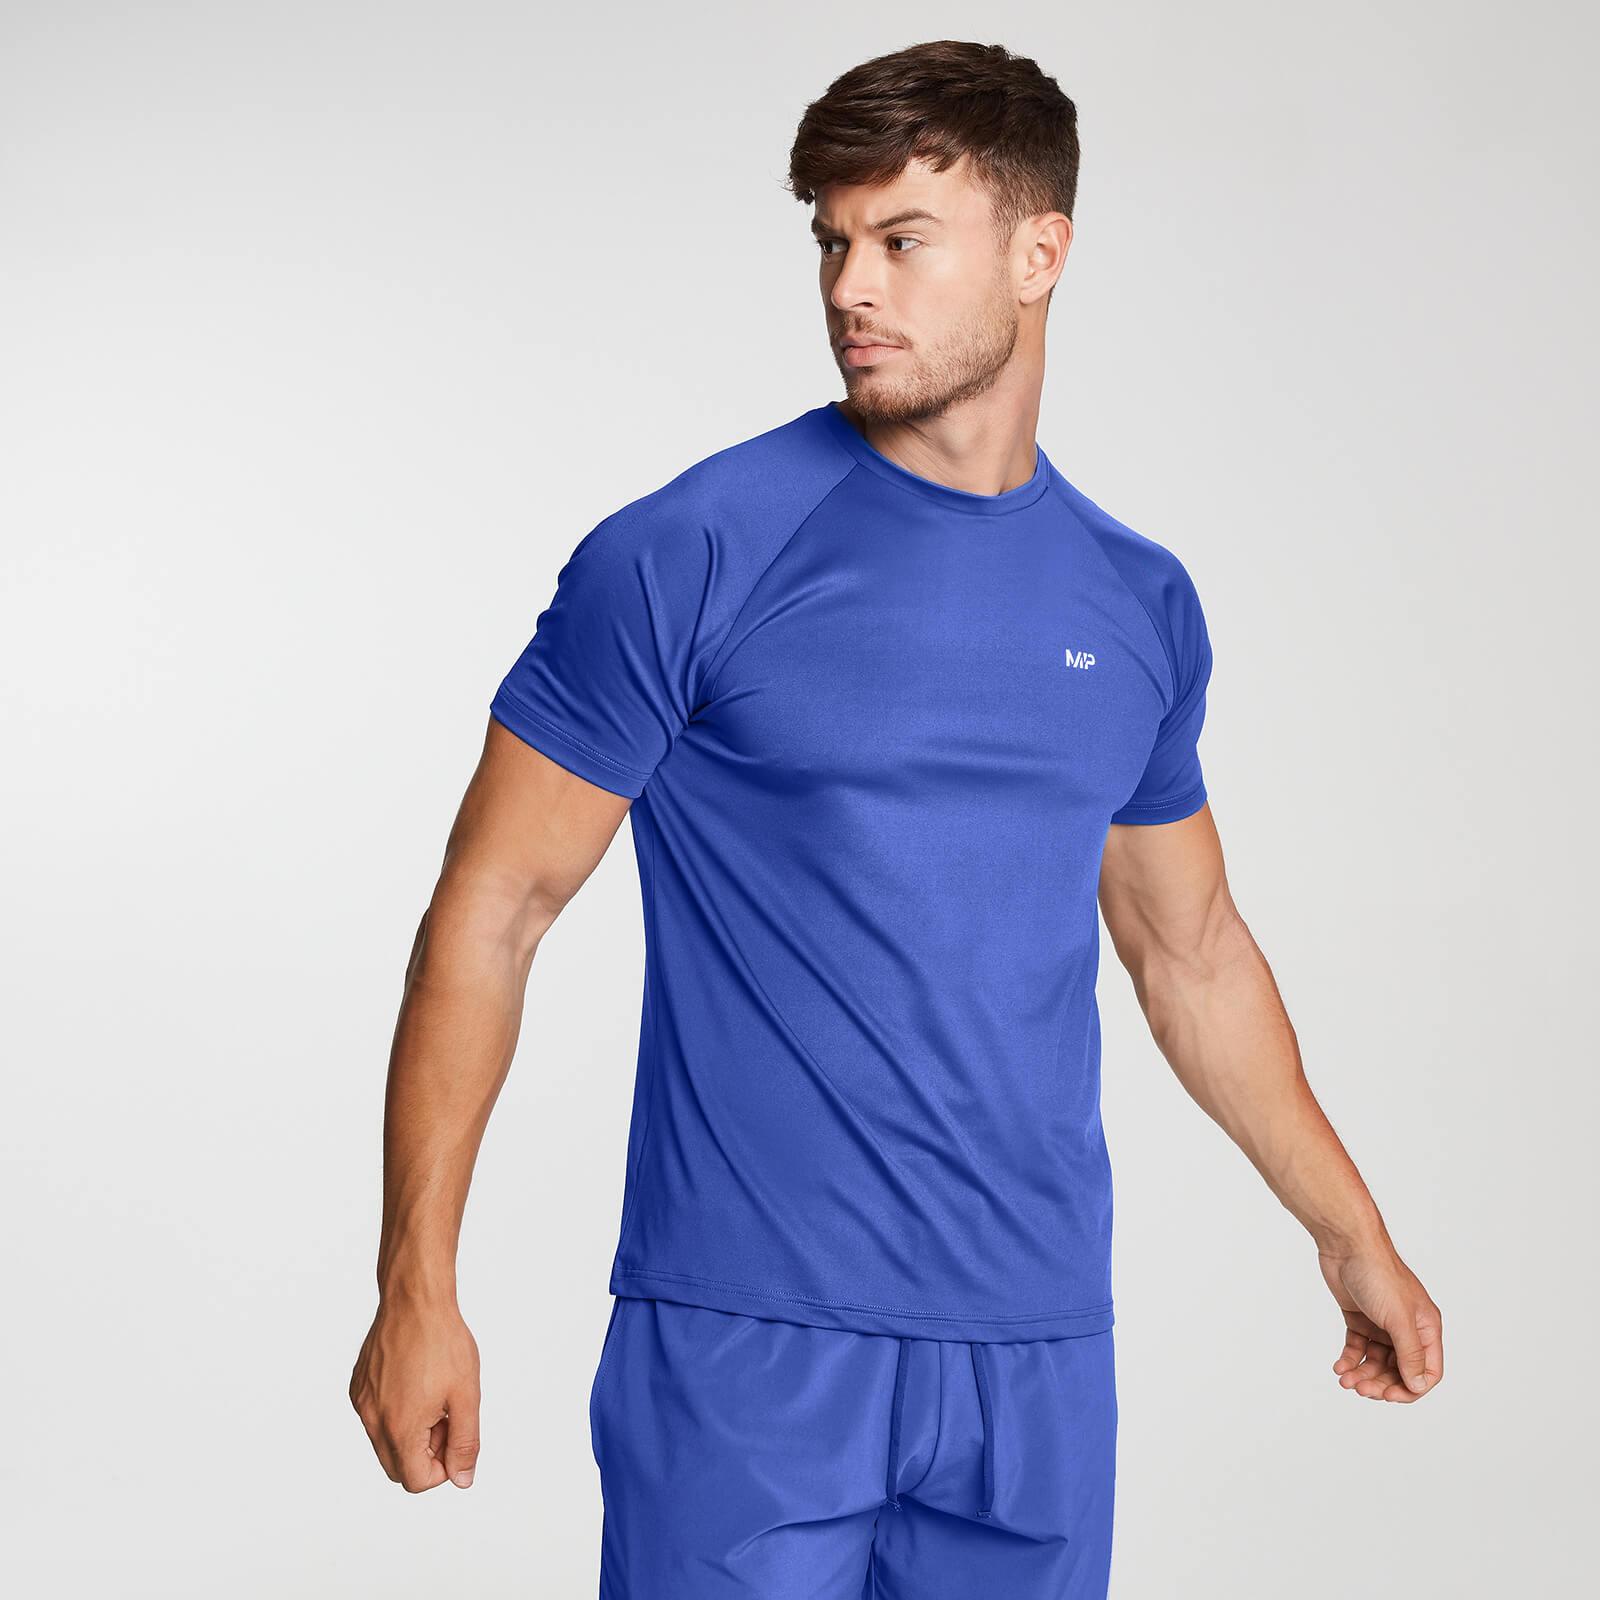 Спортивная футболка с принтом - M